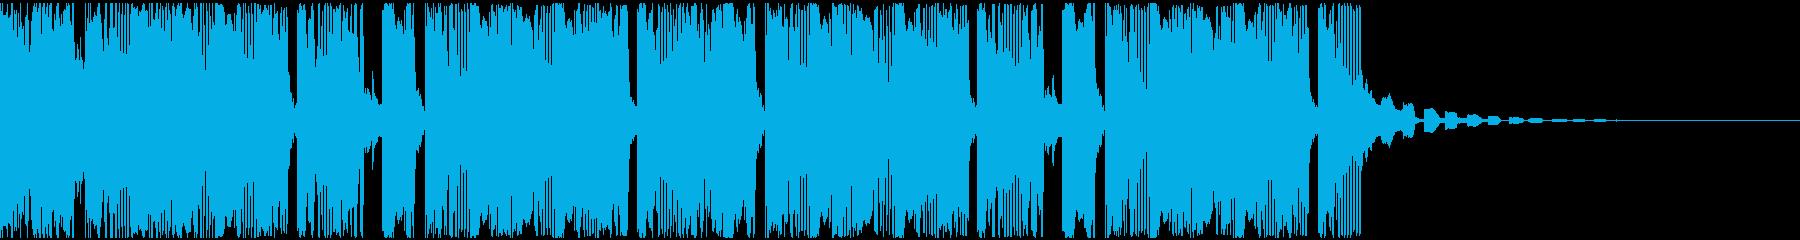 【アンビエント】ロング2、ショート5の再生済みの波形